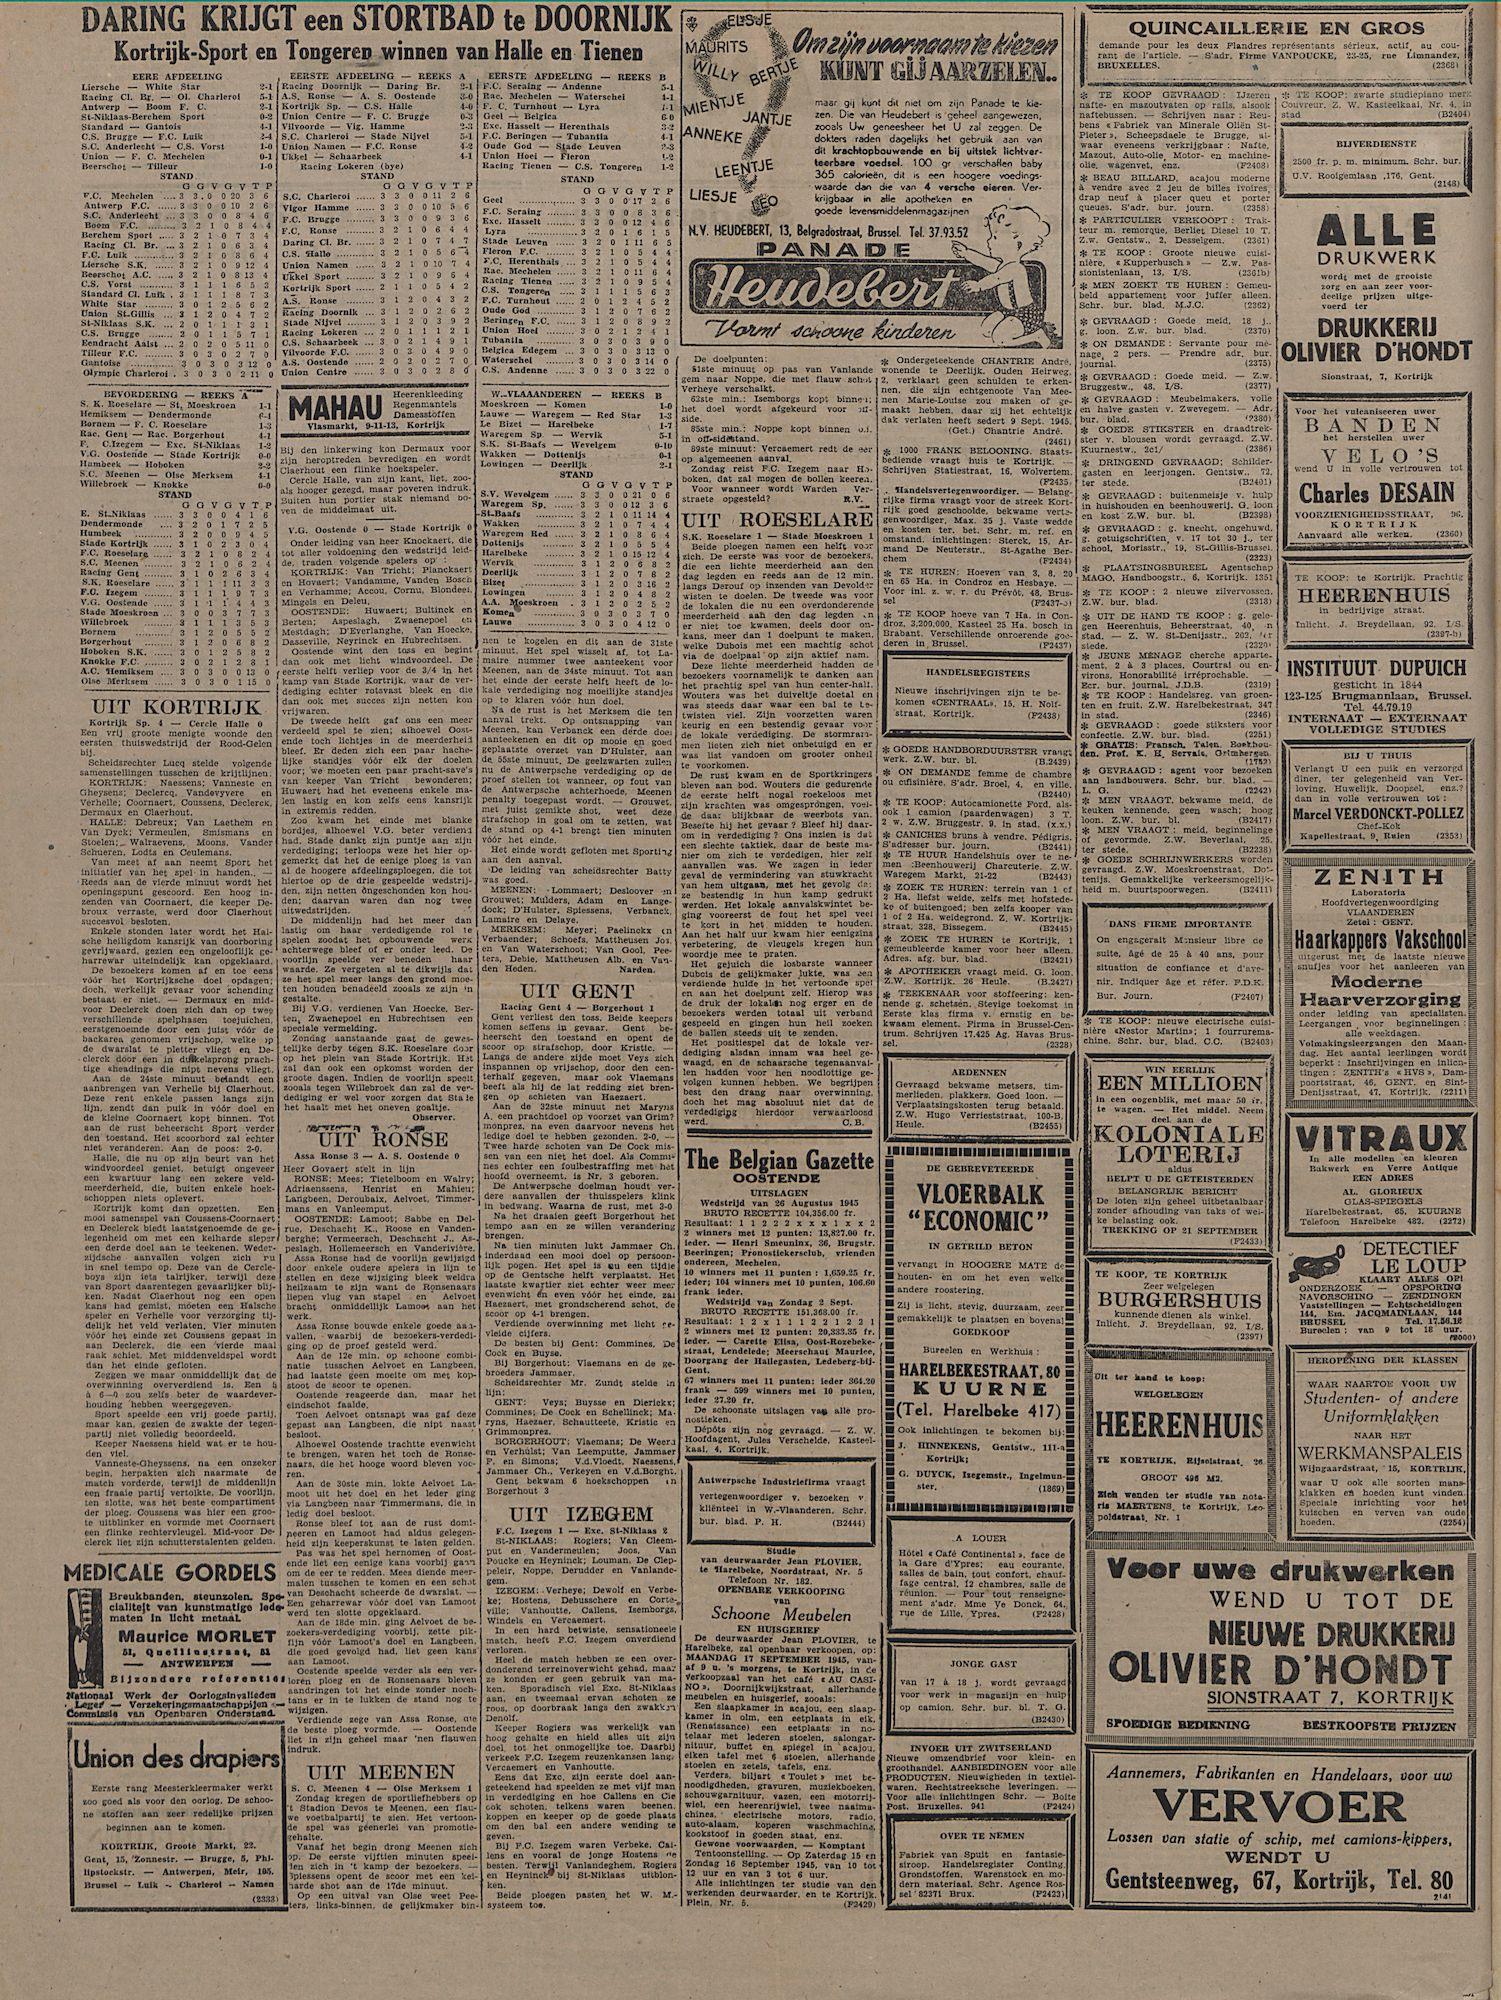 Kortrijksch Handelsblad 12 september 1945 Nr73 p2